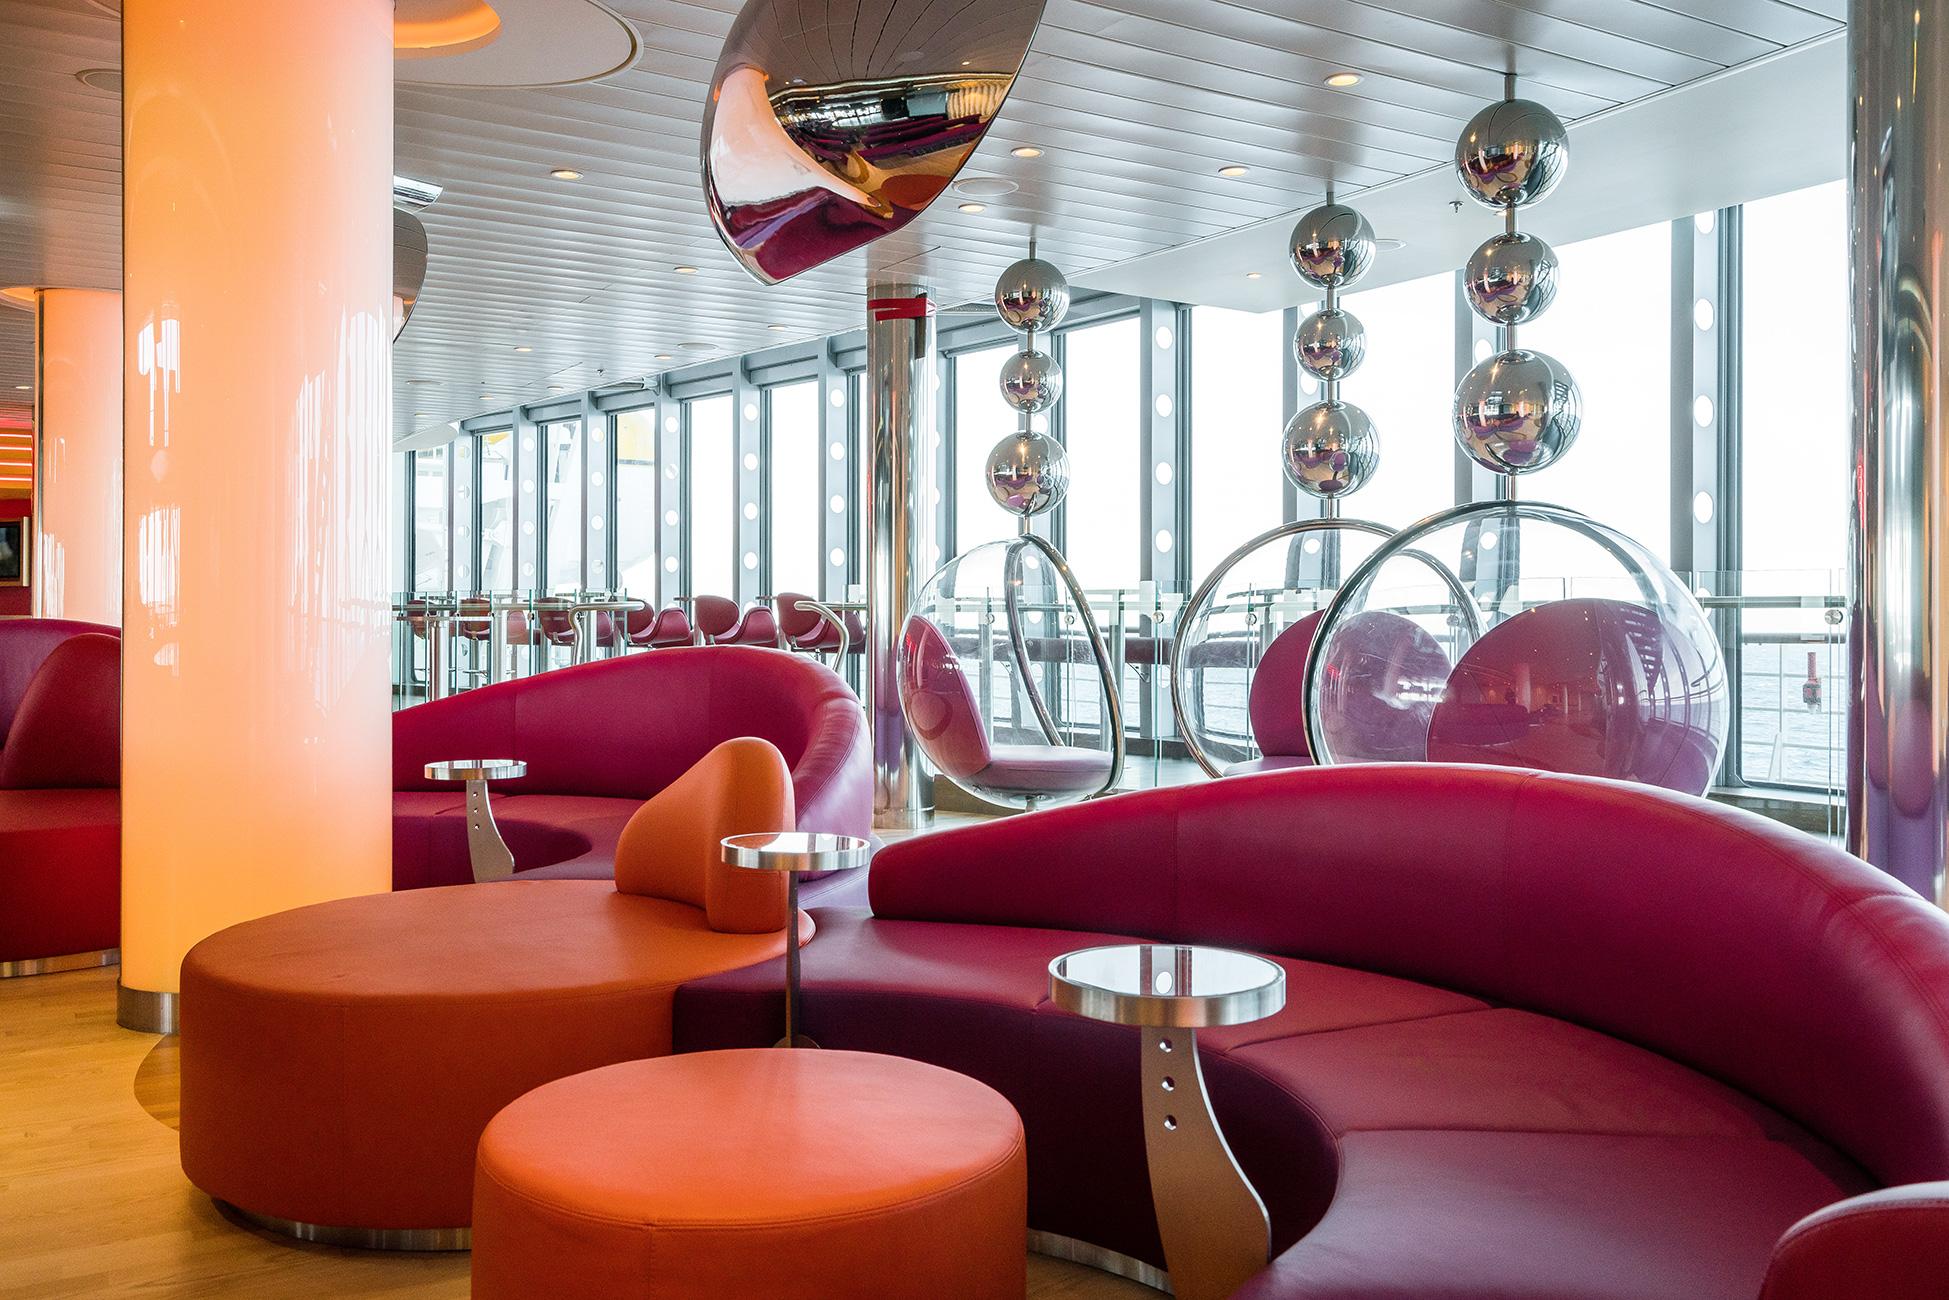 AC_036756_Lounge_Theatrium